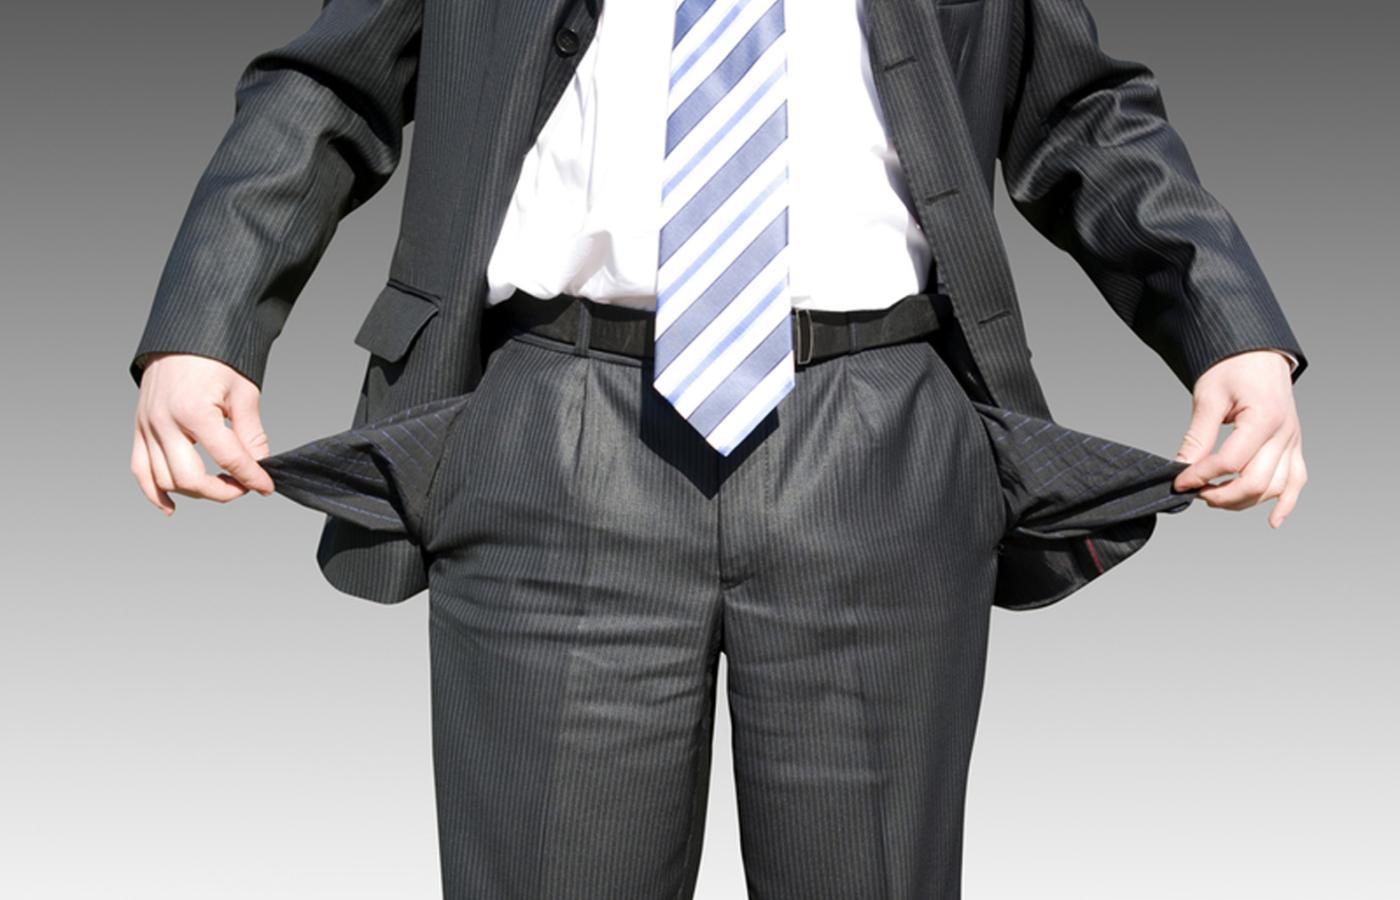 halo zbankrutował umawianie się z mężczyzną bez pracy